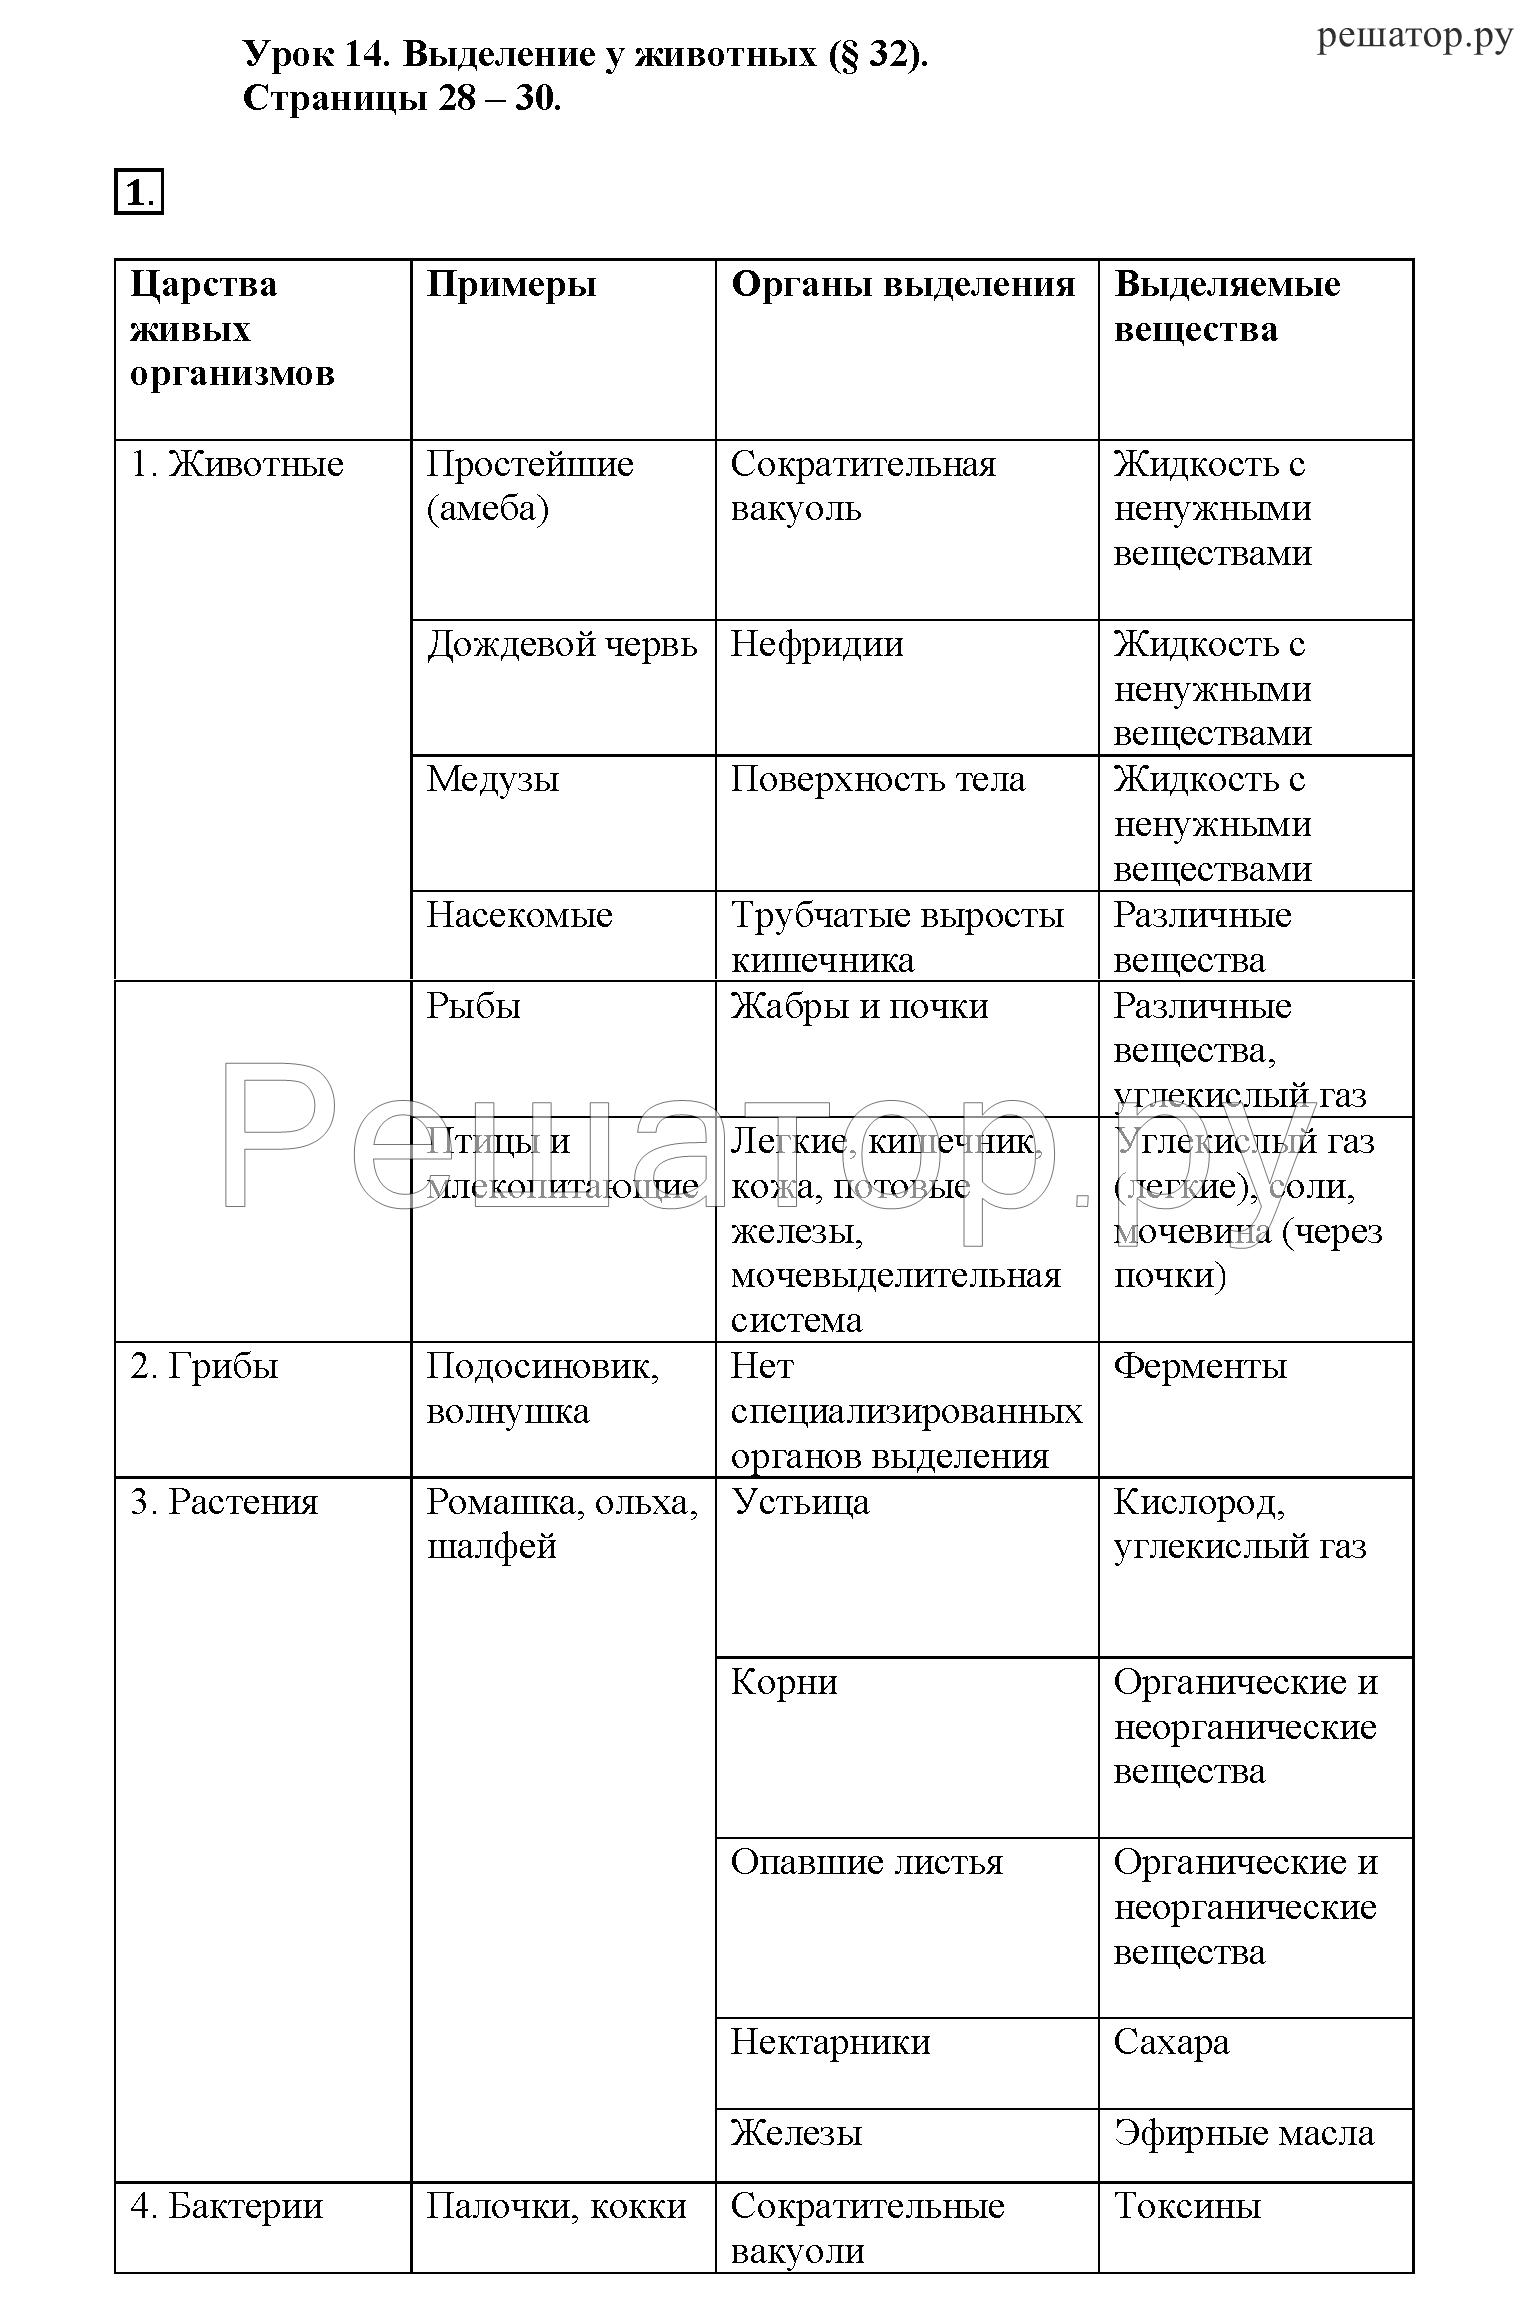 Биологическое развитие  - большая энциклопедия нефти и газа, статья, страница 1